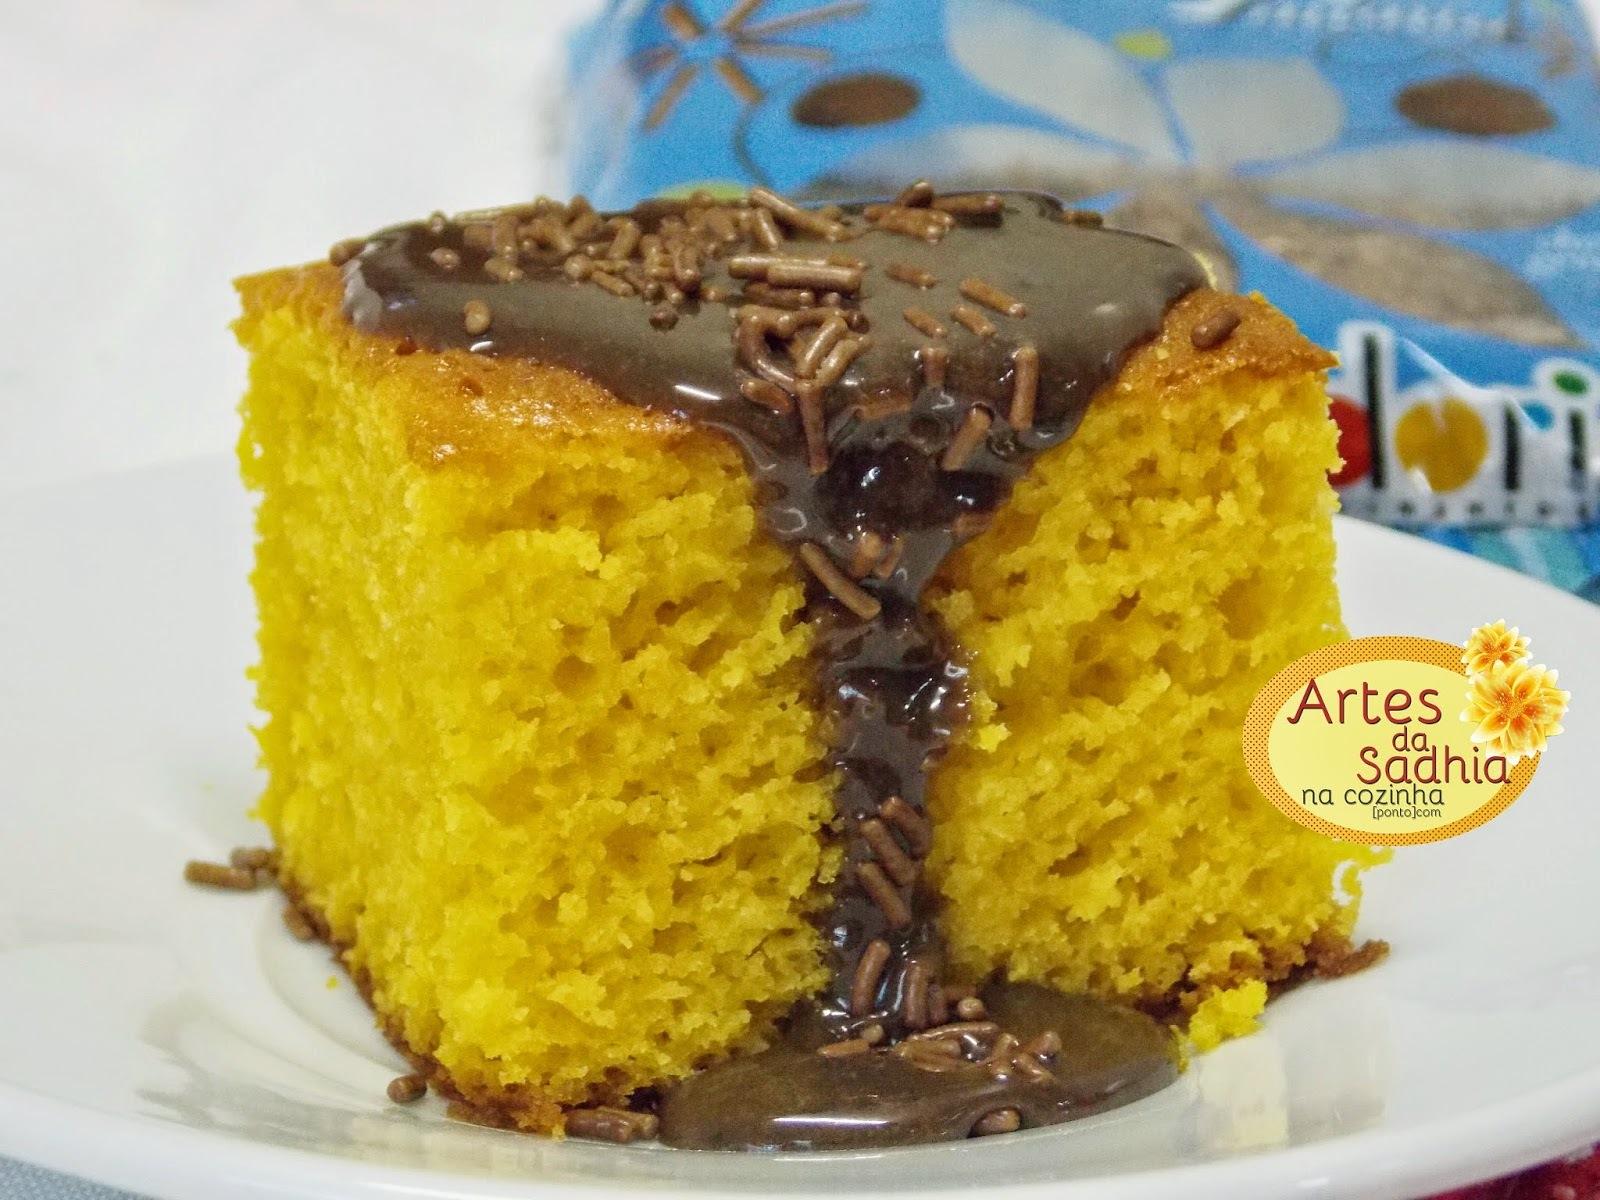 cobertura para bolo de chocolate caseira façil